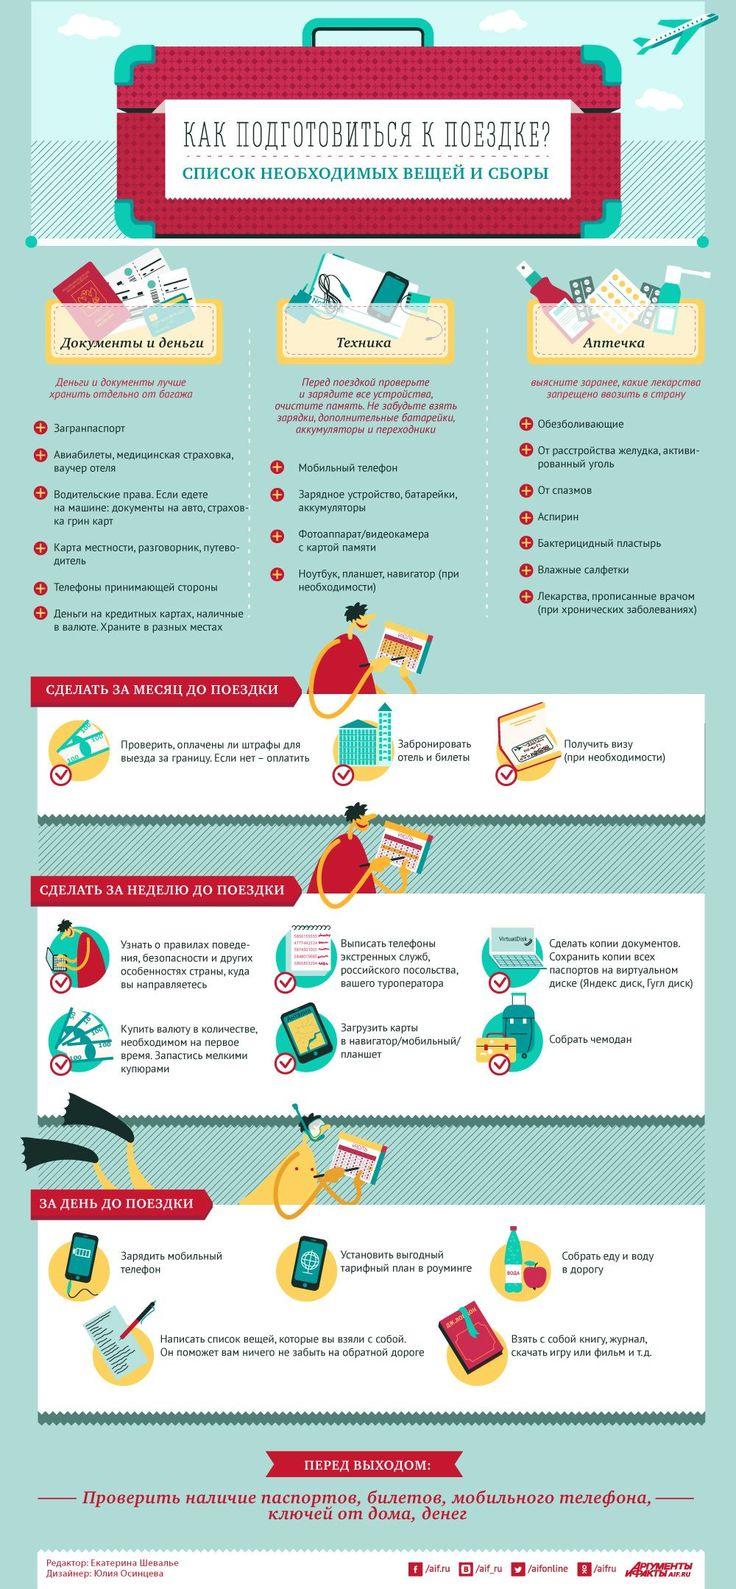 Трэвел-лист: что нужно учесть, отправляясь в путешествие? Инфографика | Инфографика | Вопрос-Ответ | Аргументы и Факты